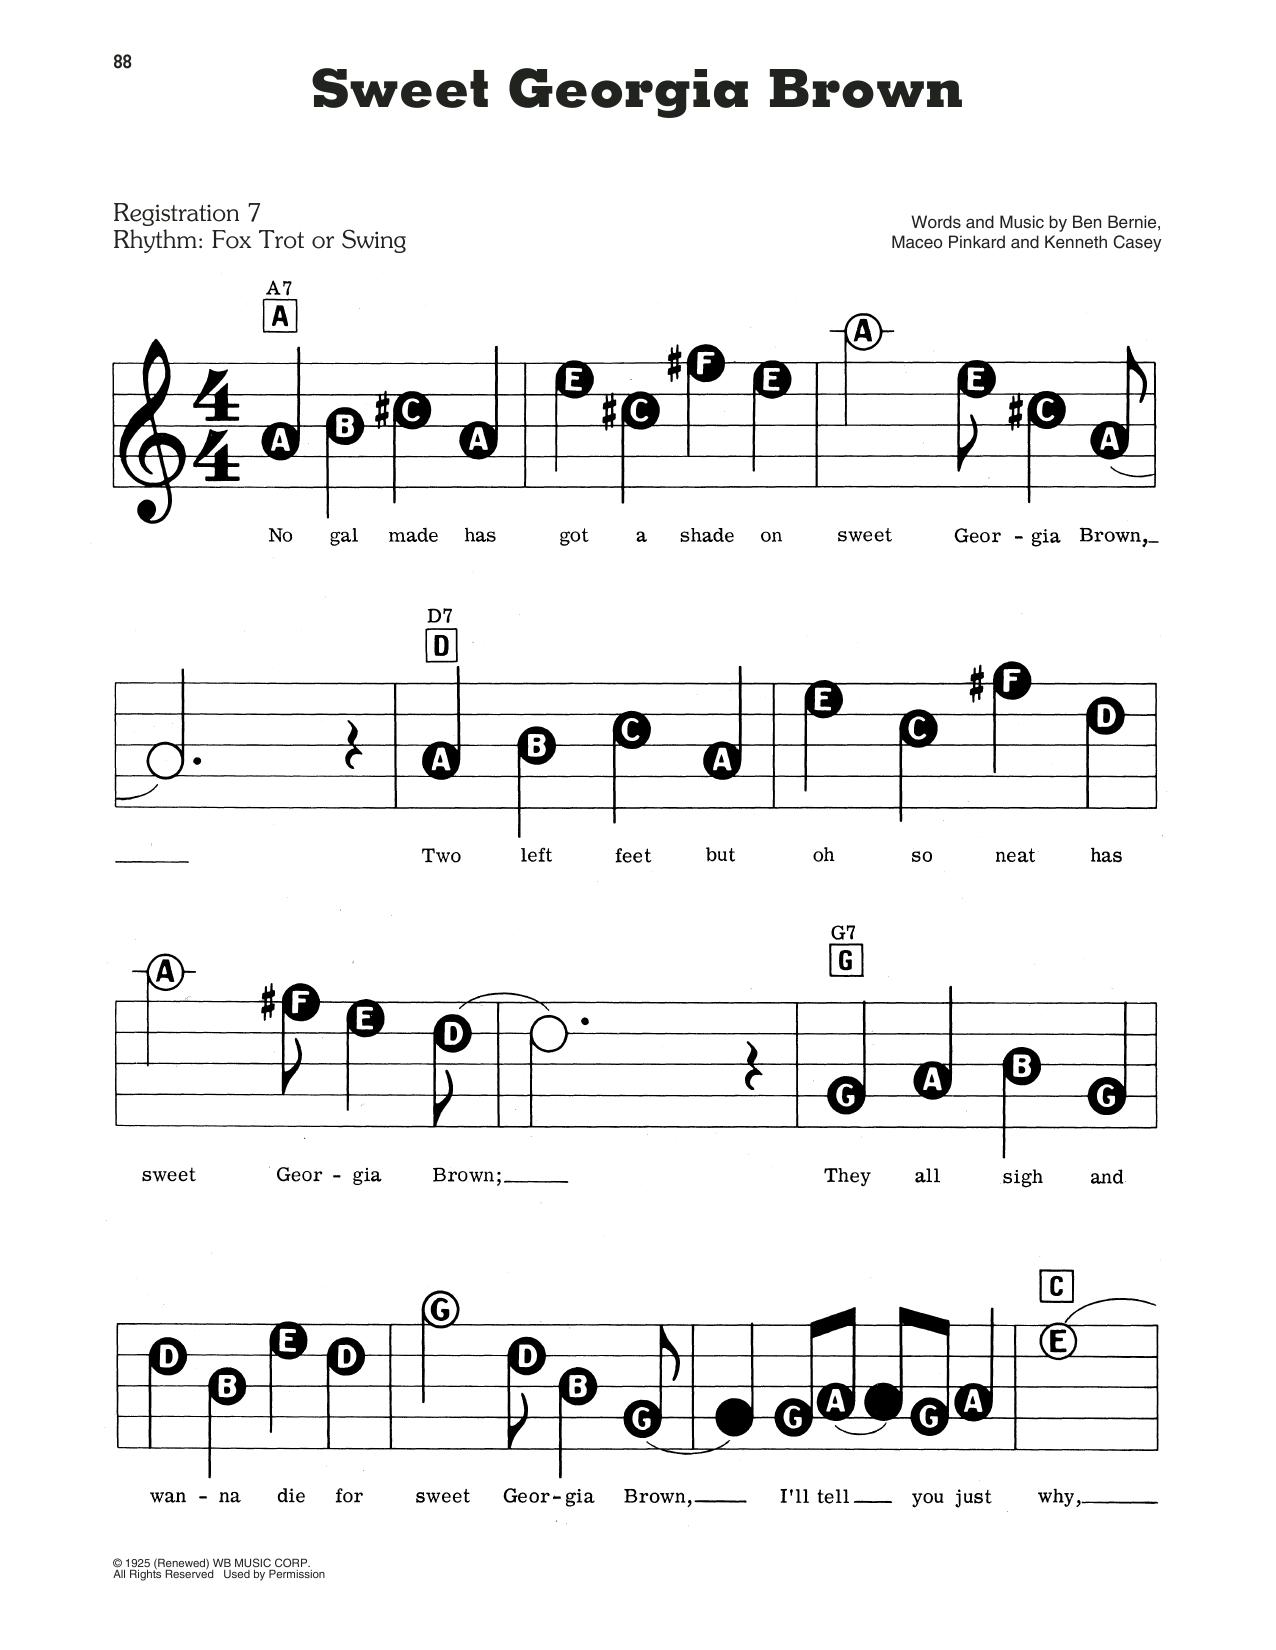 Count Basie Sweet Georgia Brown Sheet Music Download Pdf Score 403898